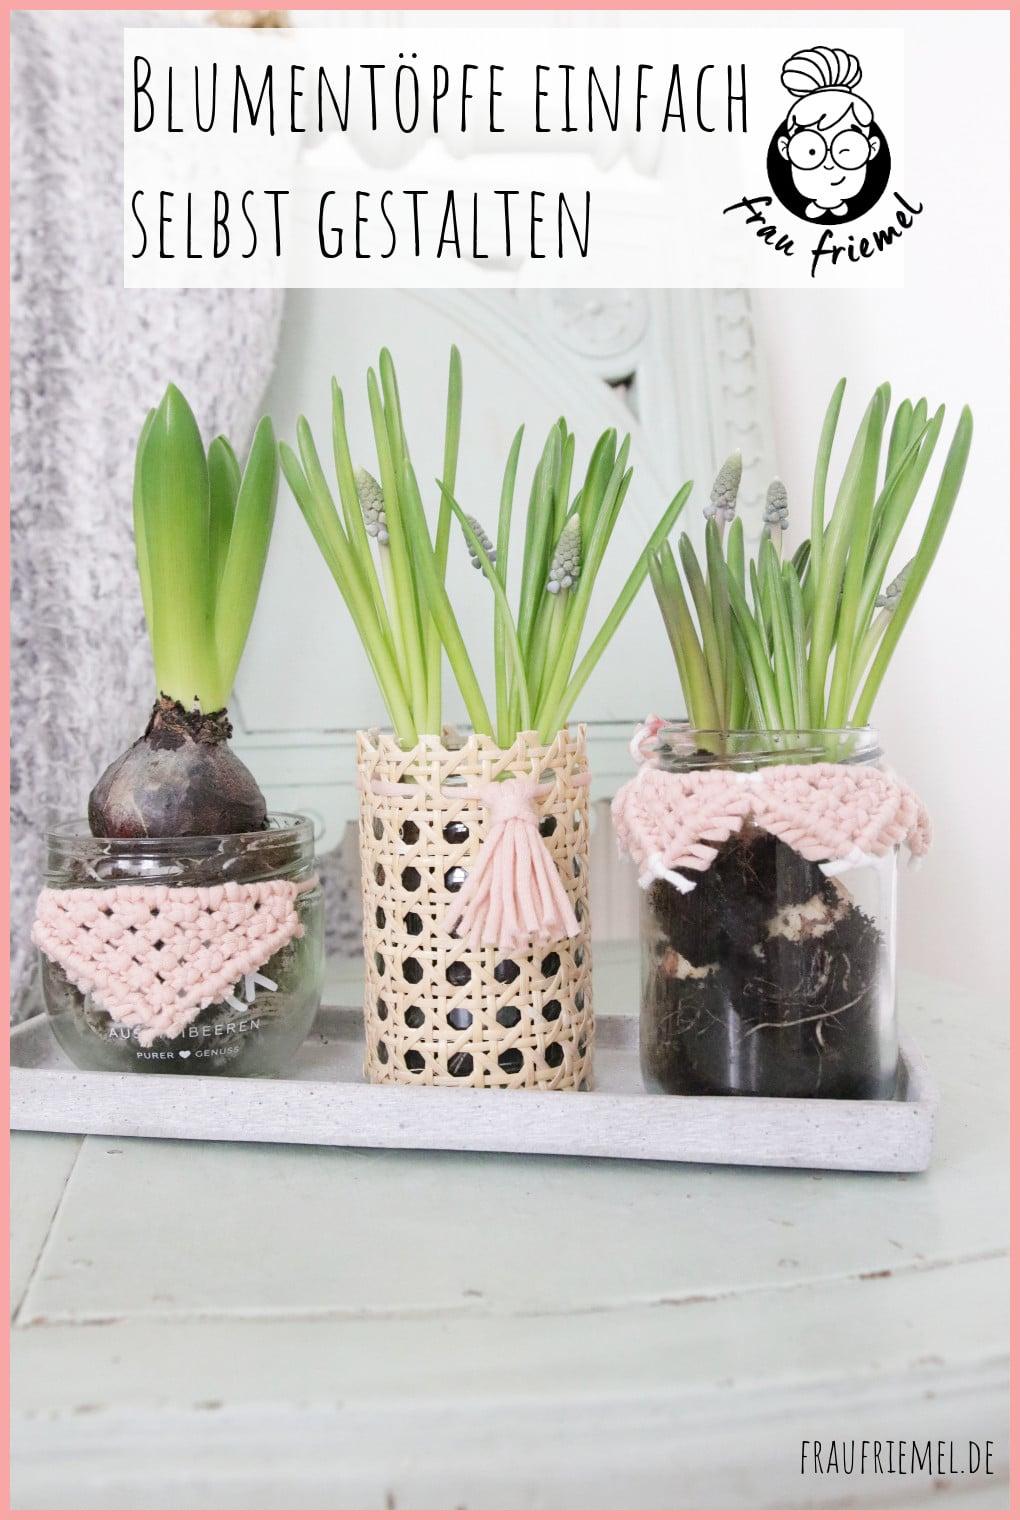 Blumentöpfe gestalten mit Makramee und Wiener Geflecht auf Pinterest merken